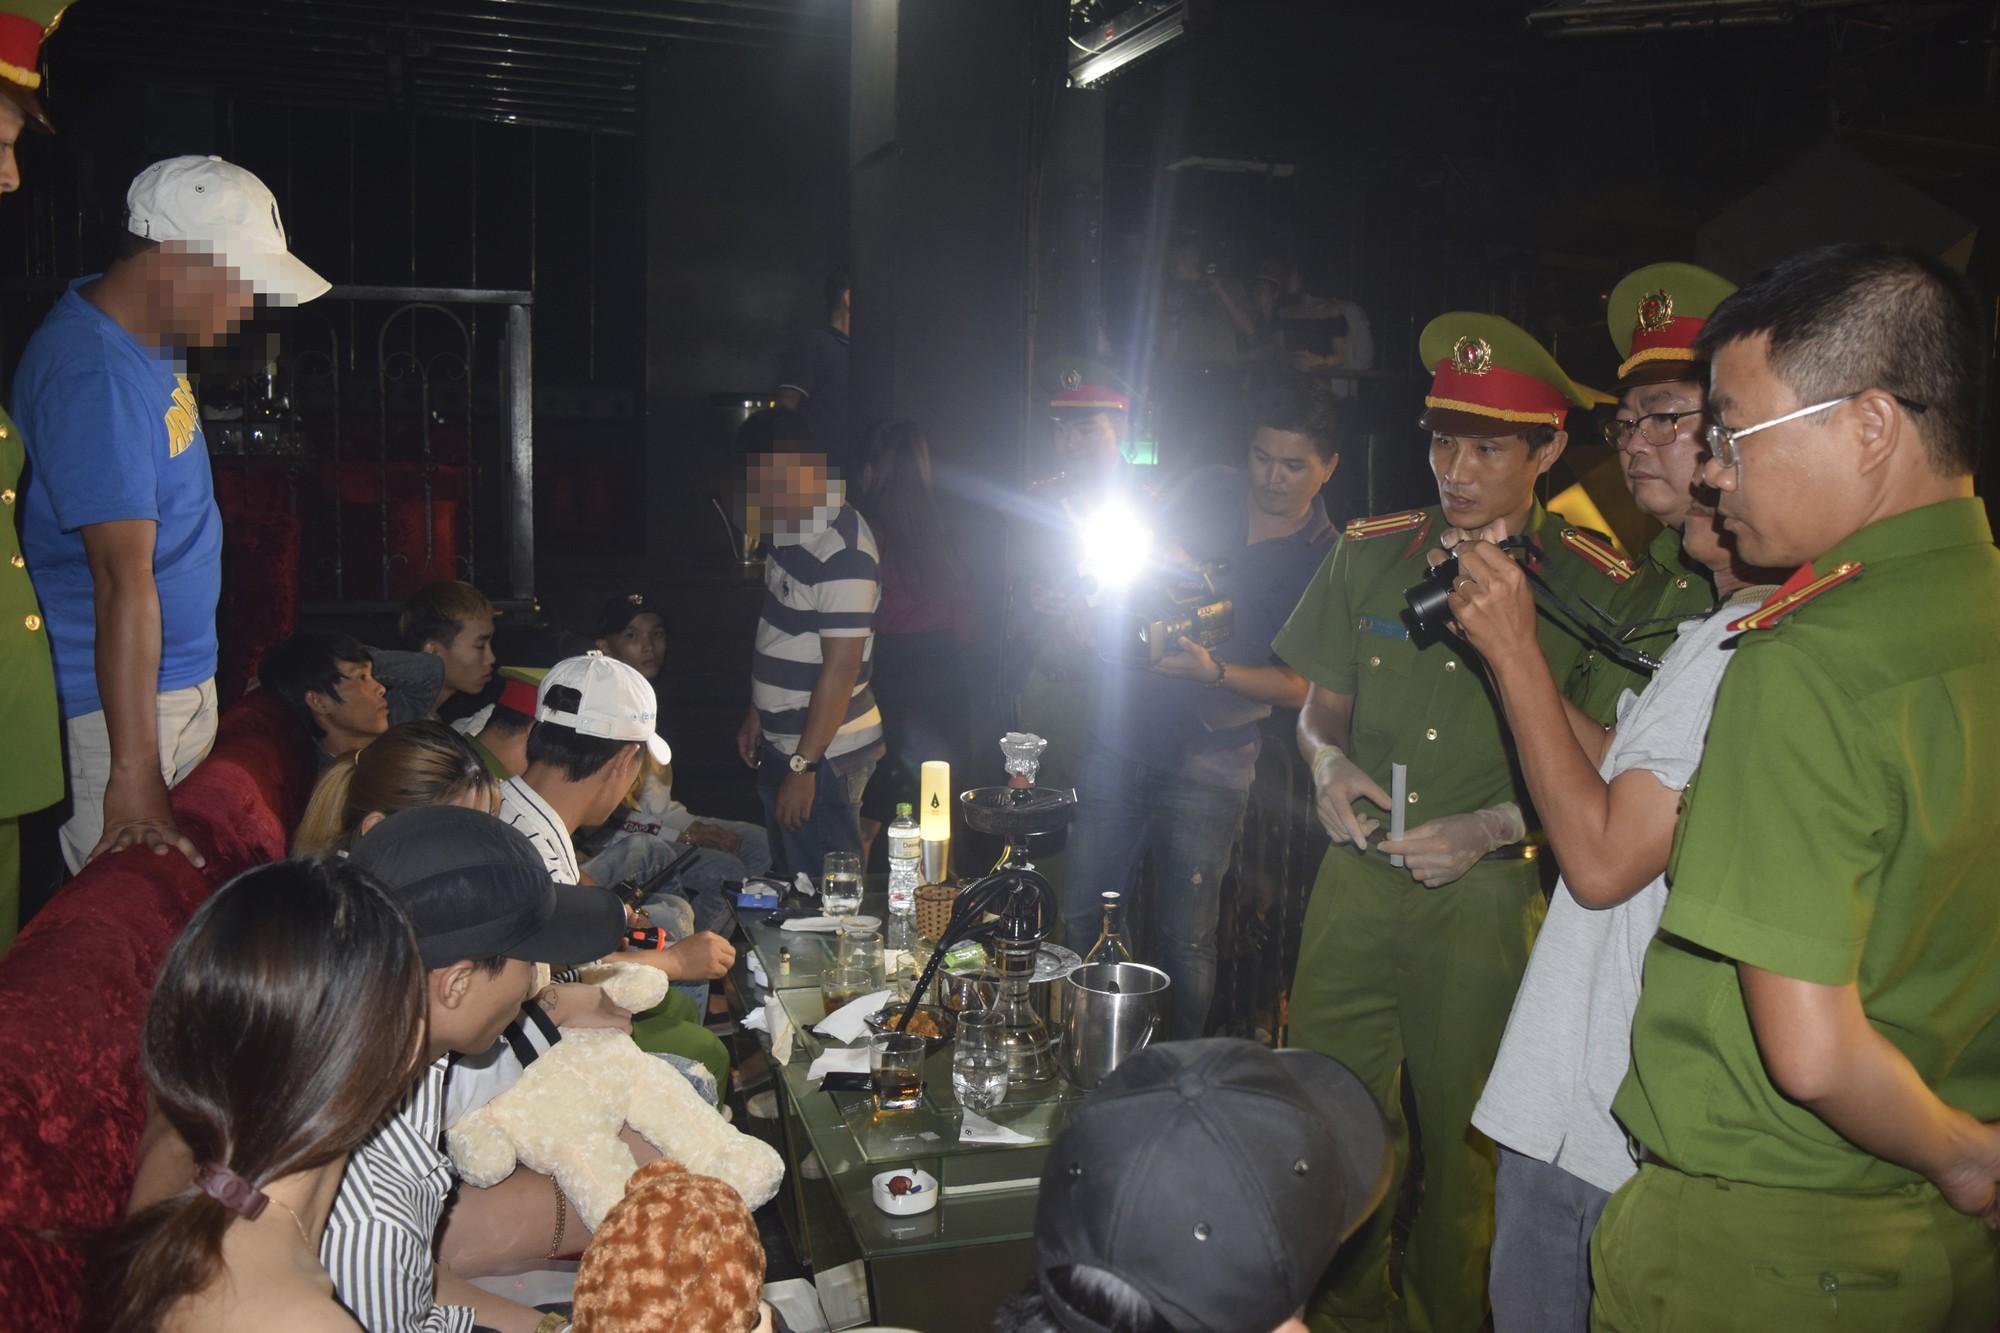 50 thanh niên nam nữ dương tính với ma tuý trong quán bar ở Huế - Ảnh 2.